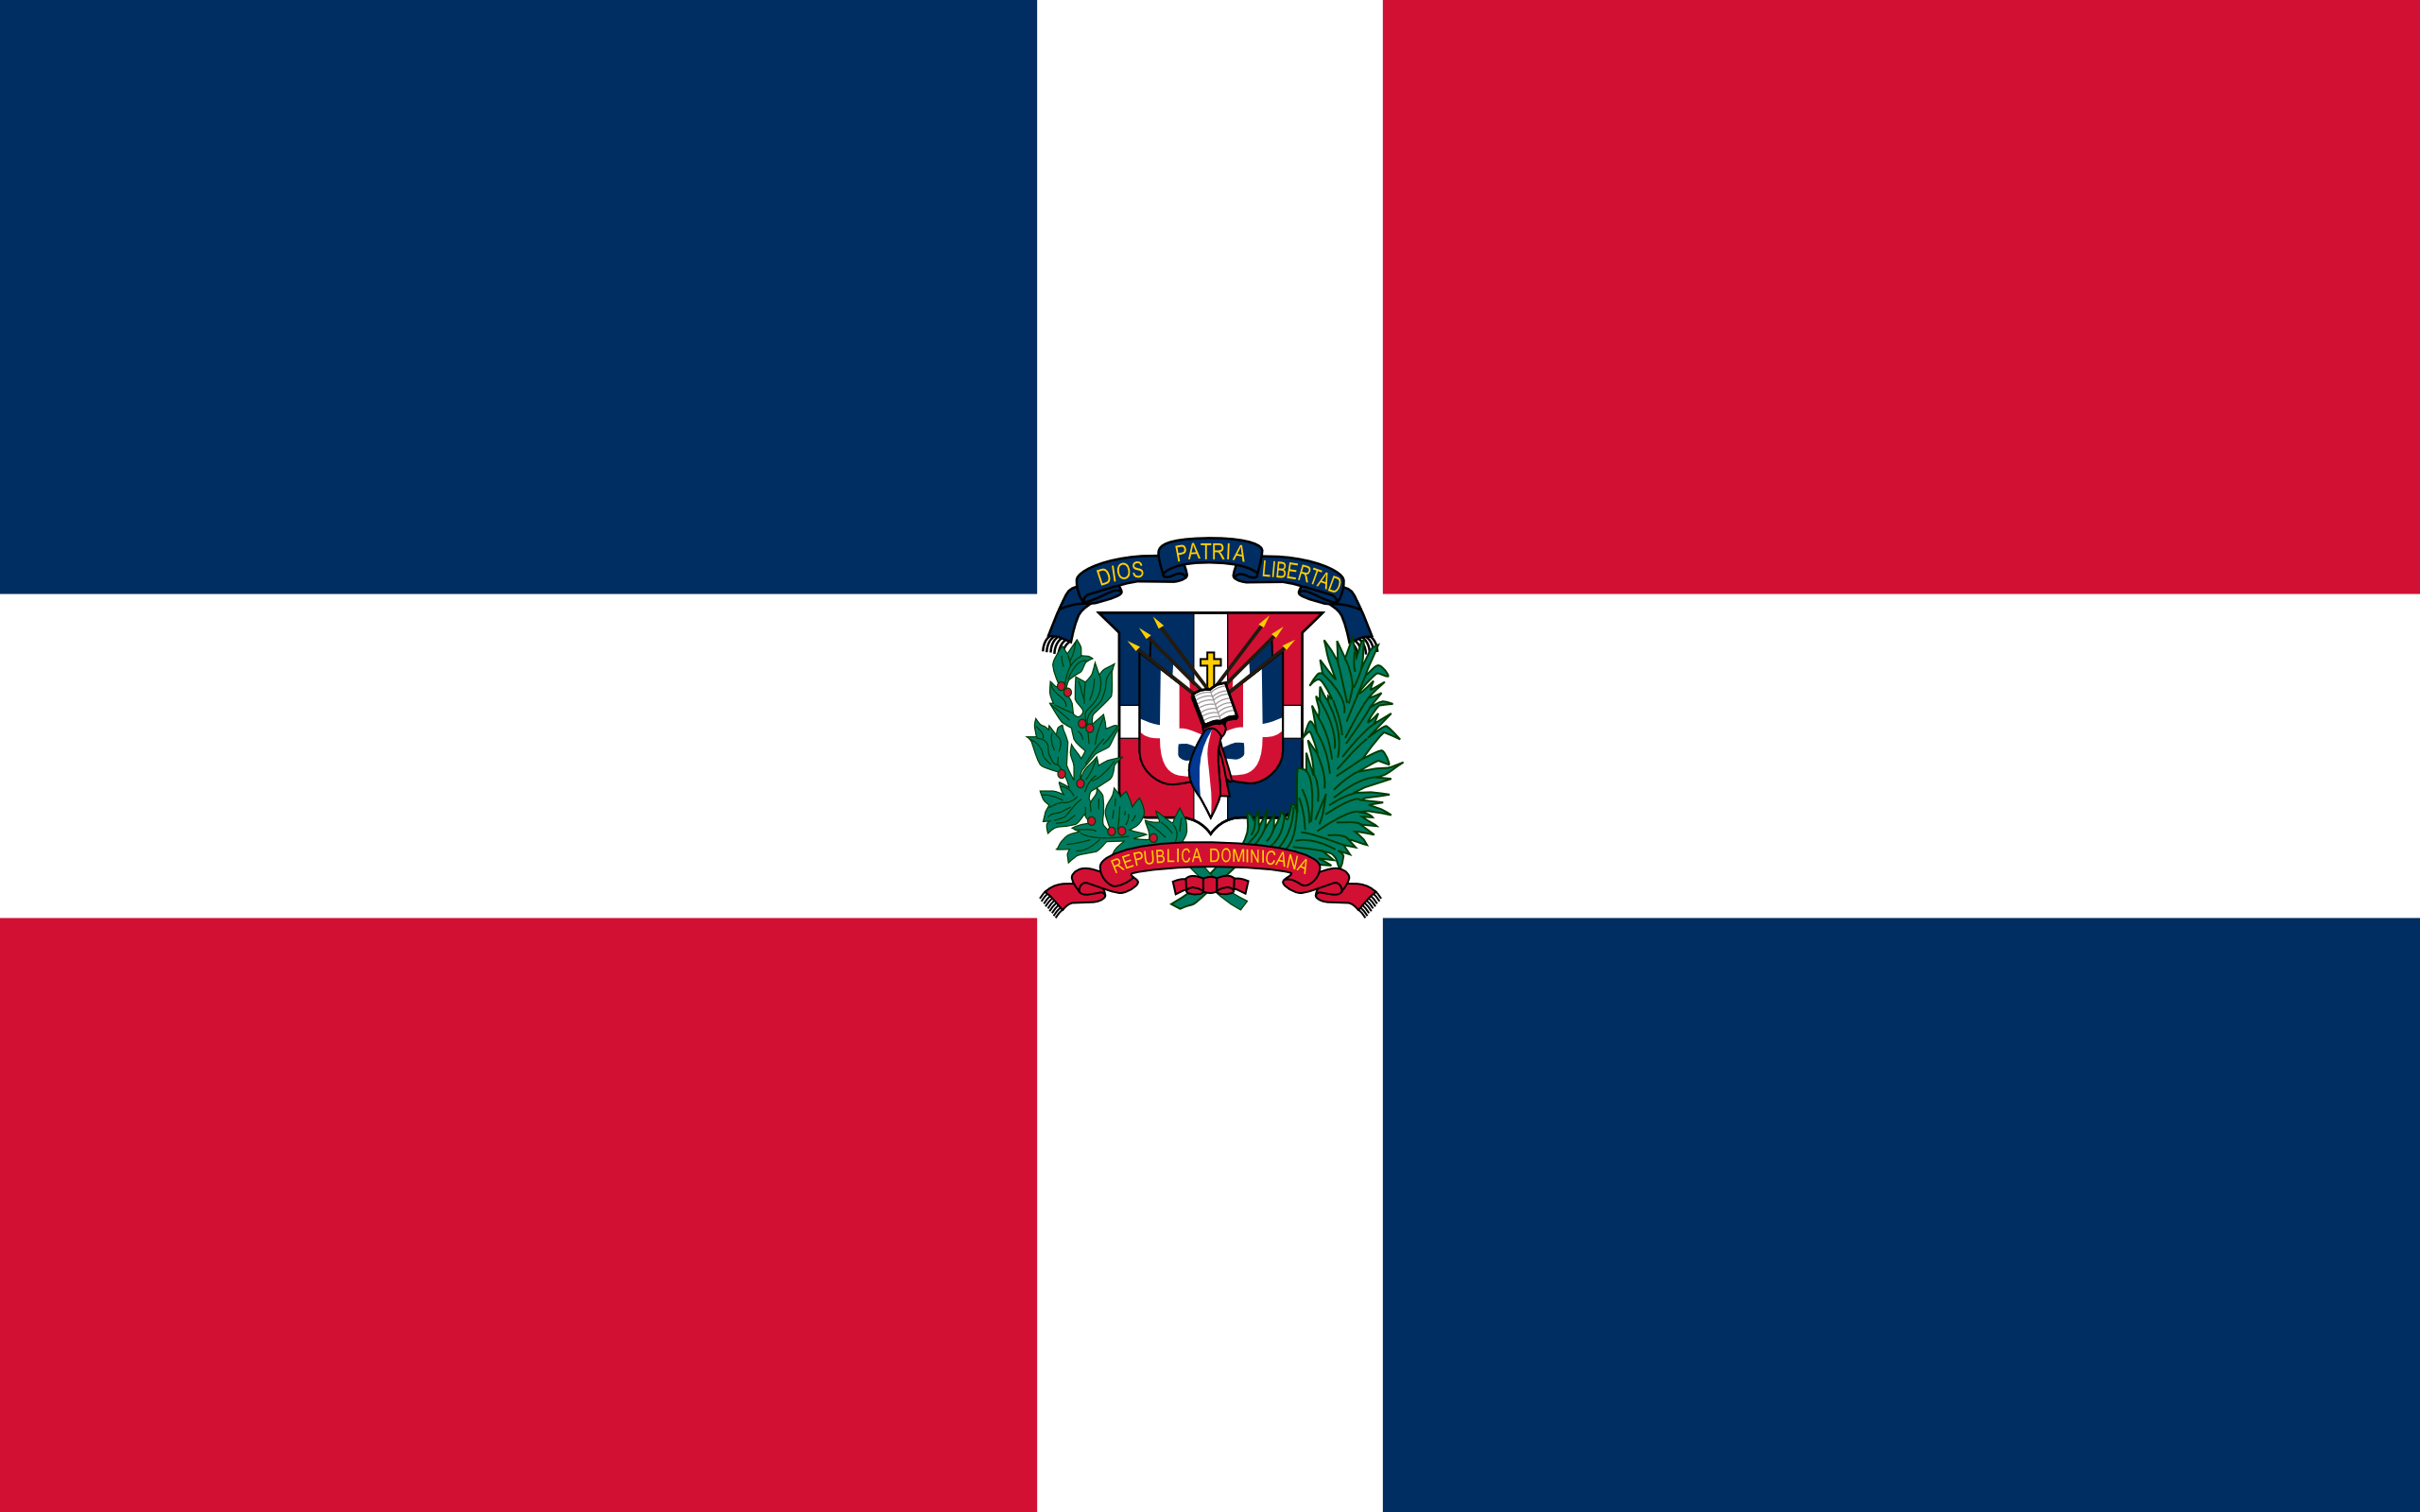 república dominicana, Land, Emblem, Logo, Symbol - Wallpaper HD - Prof.-falken.com